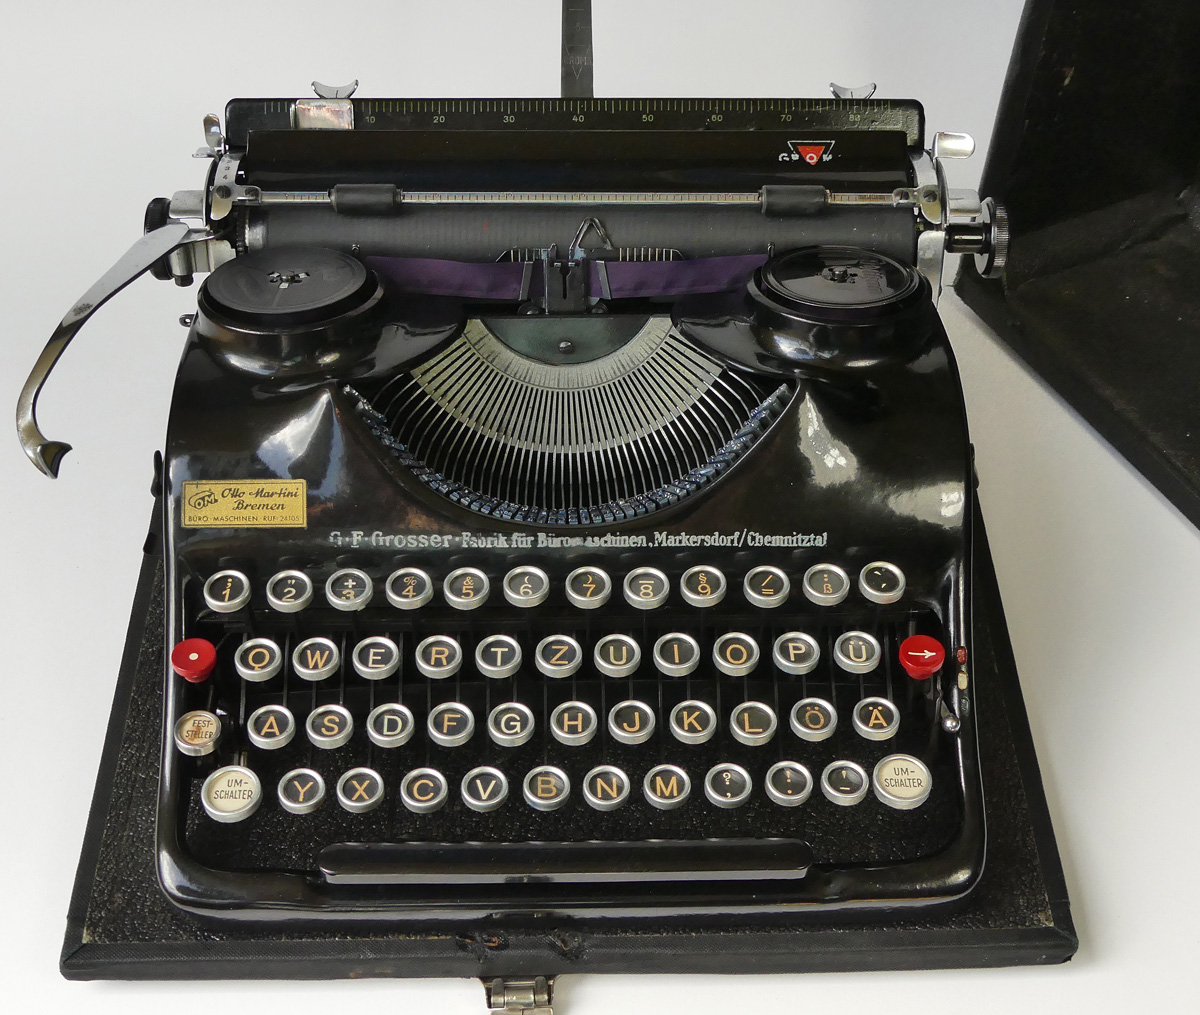 Groma Modell N Typewriter w/ Case QWERTZ layout German Keyboard 1940s